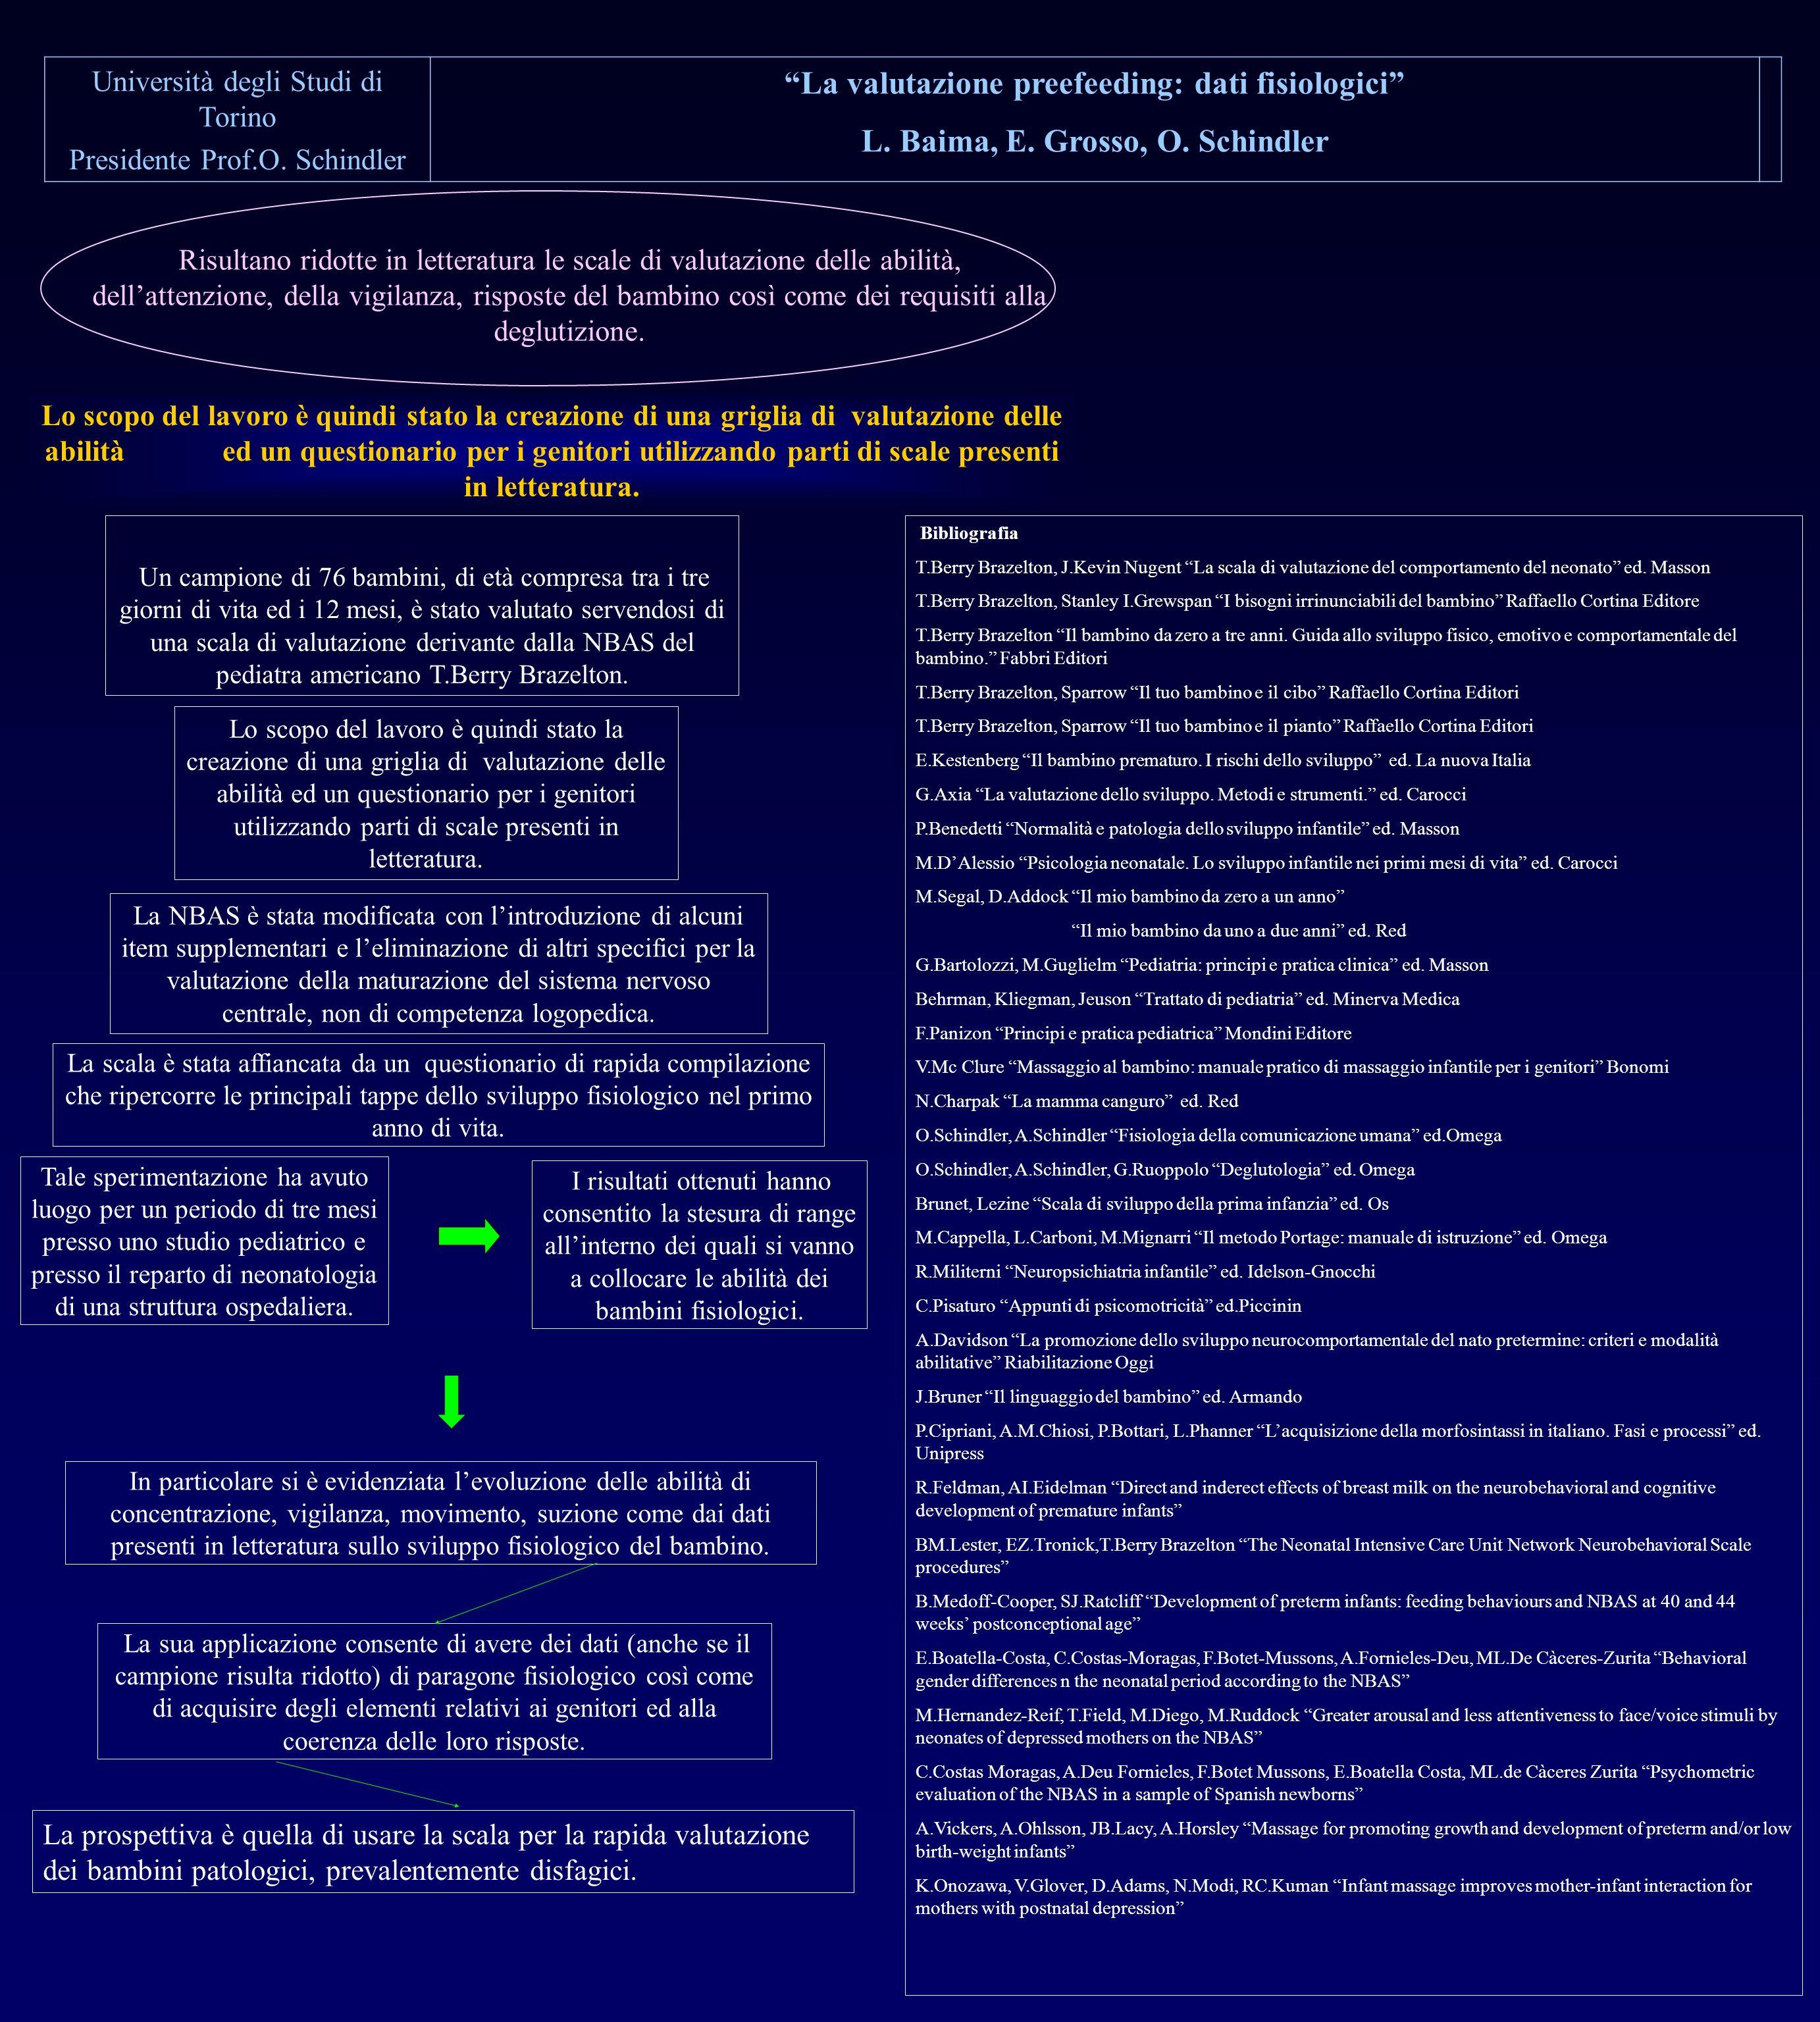 La valutazione preefeeding: dati fisiologici